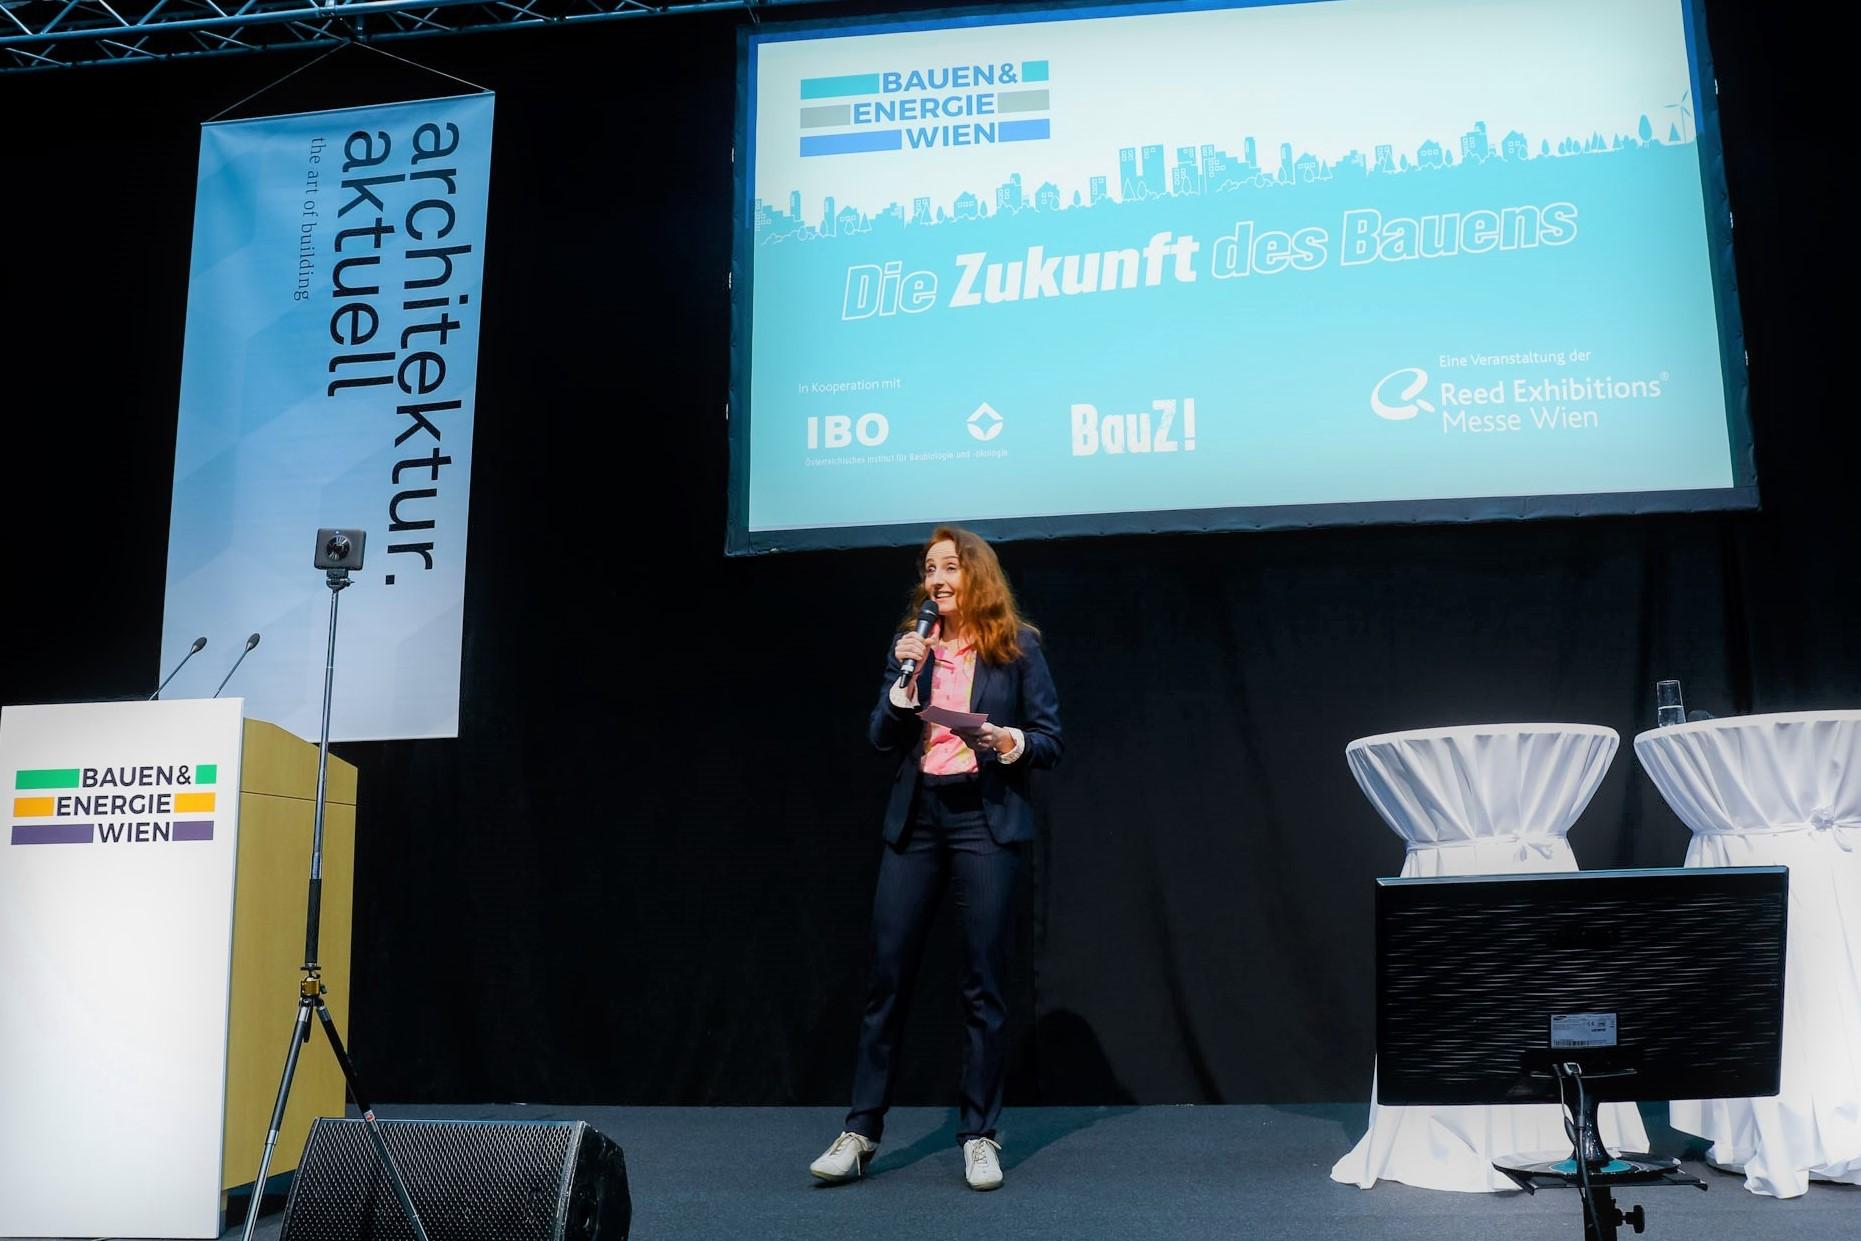 Bauen und Energie Messe Wien 2018 (3)